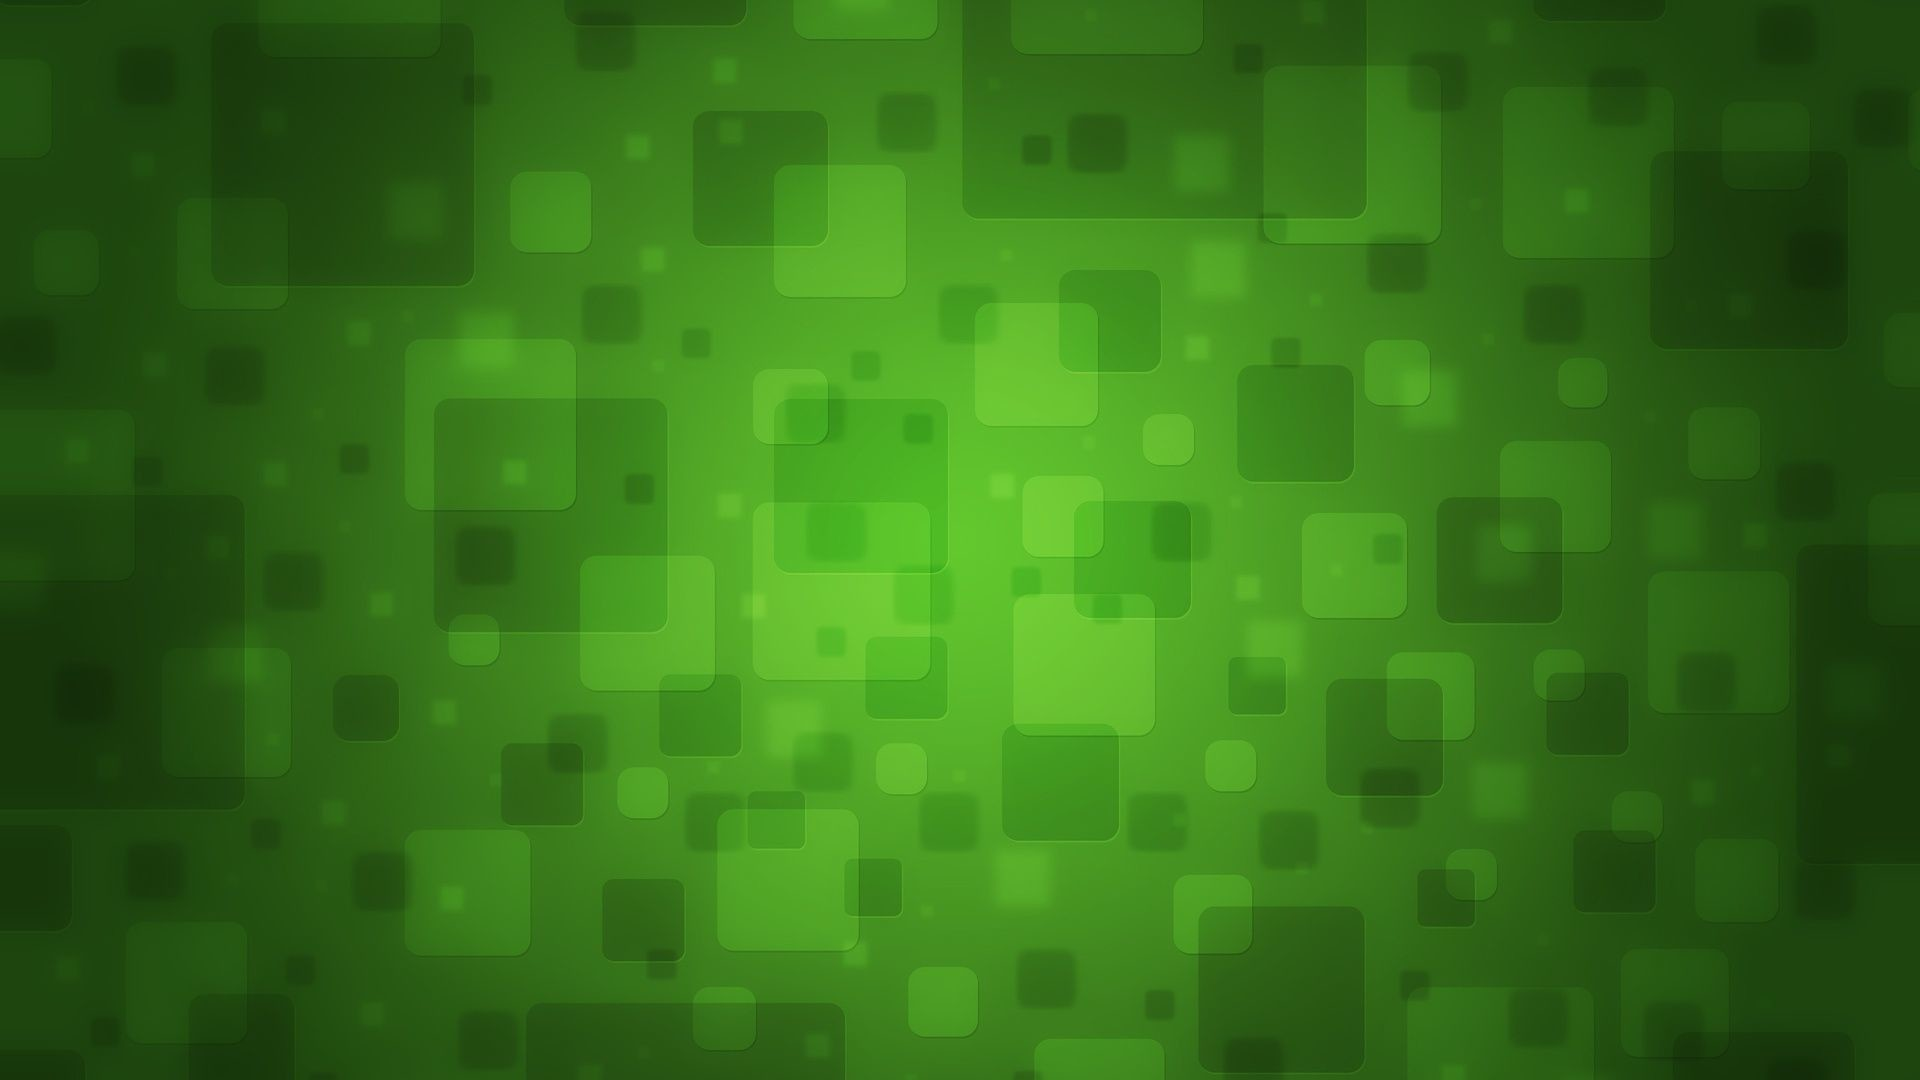 cool green texture wallpaper